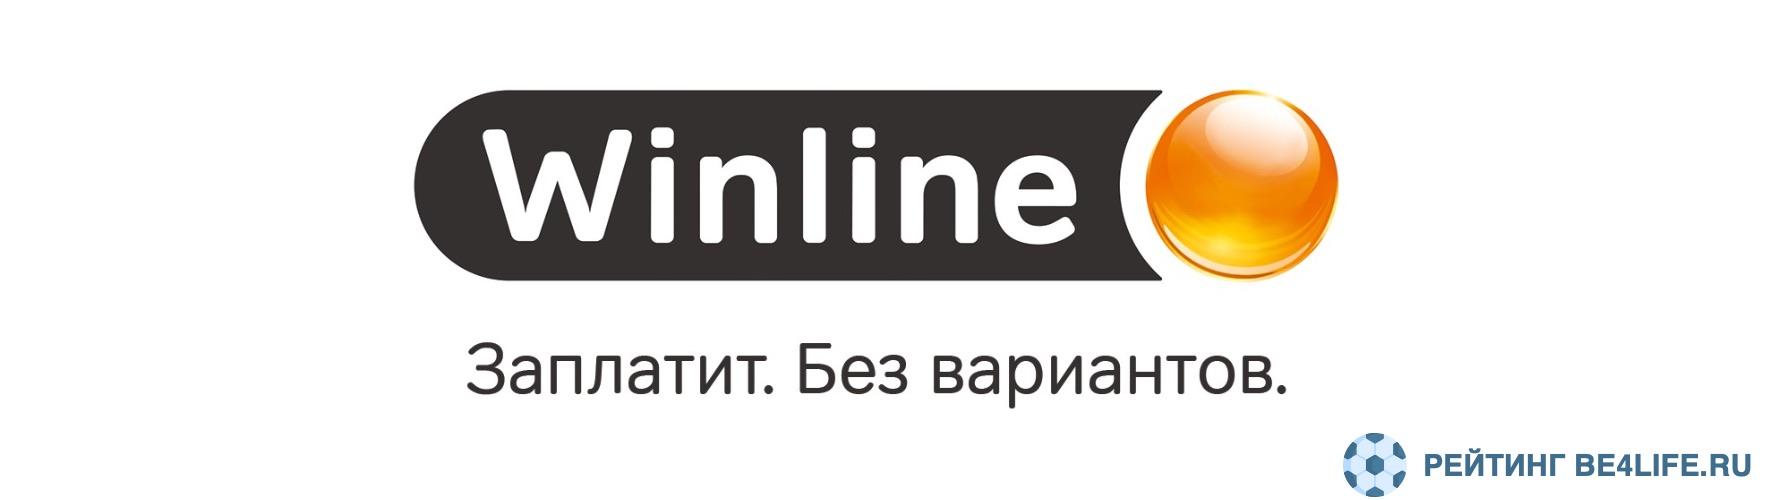 приложение winline для андроид официальный сайт